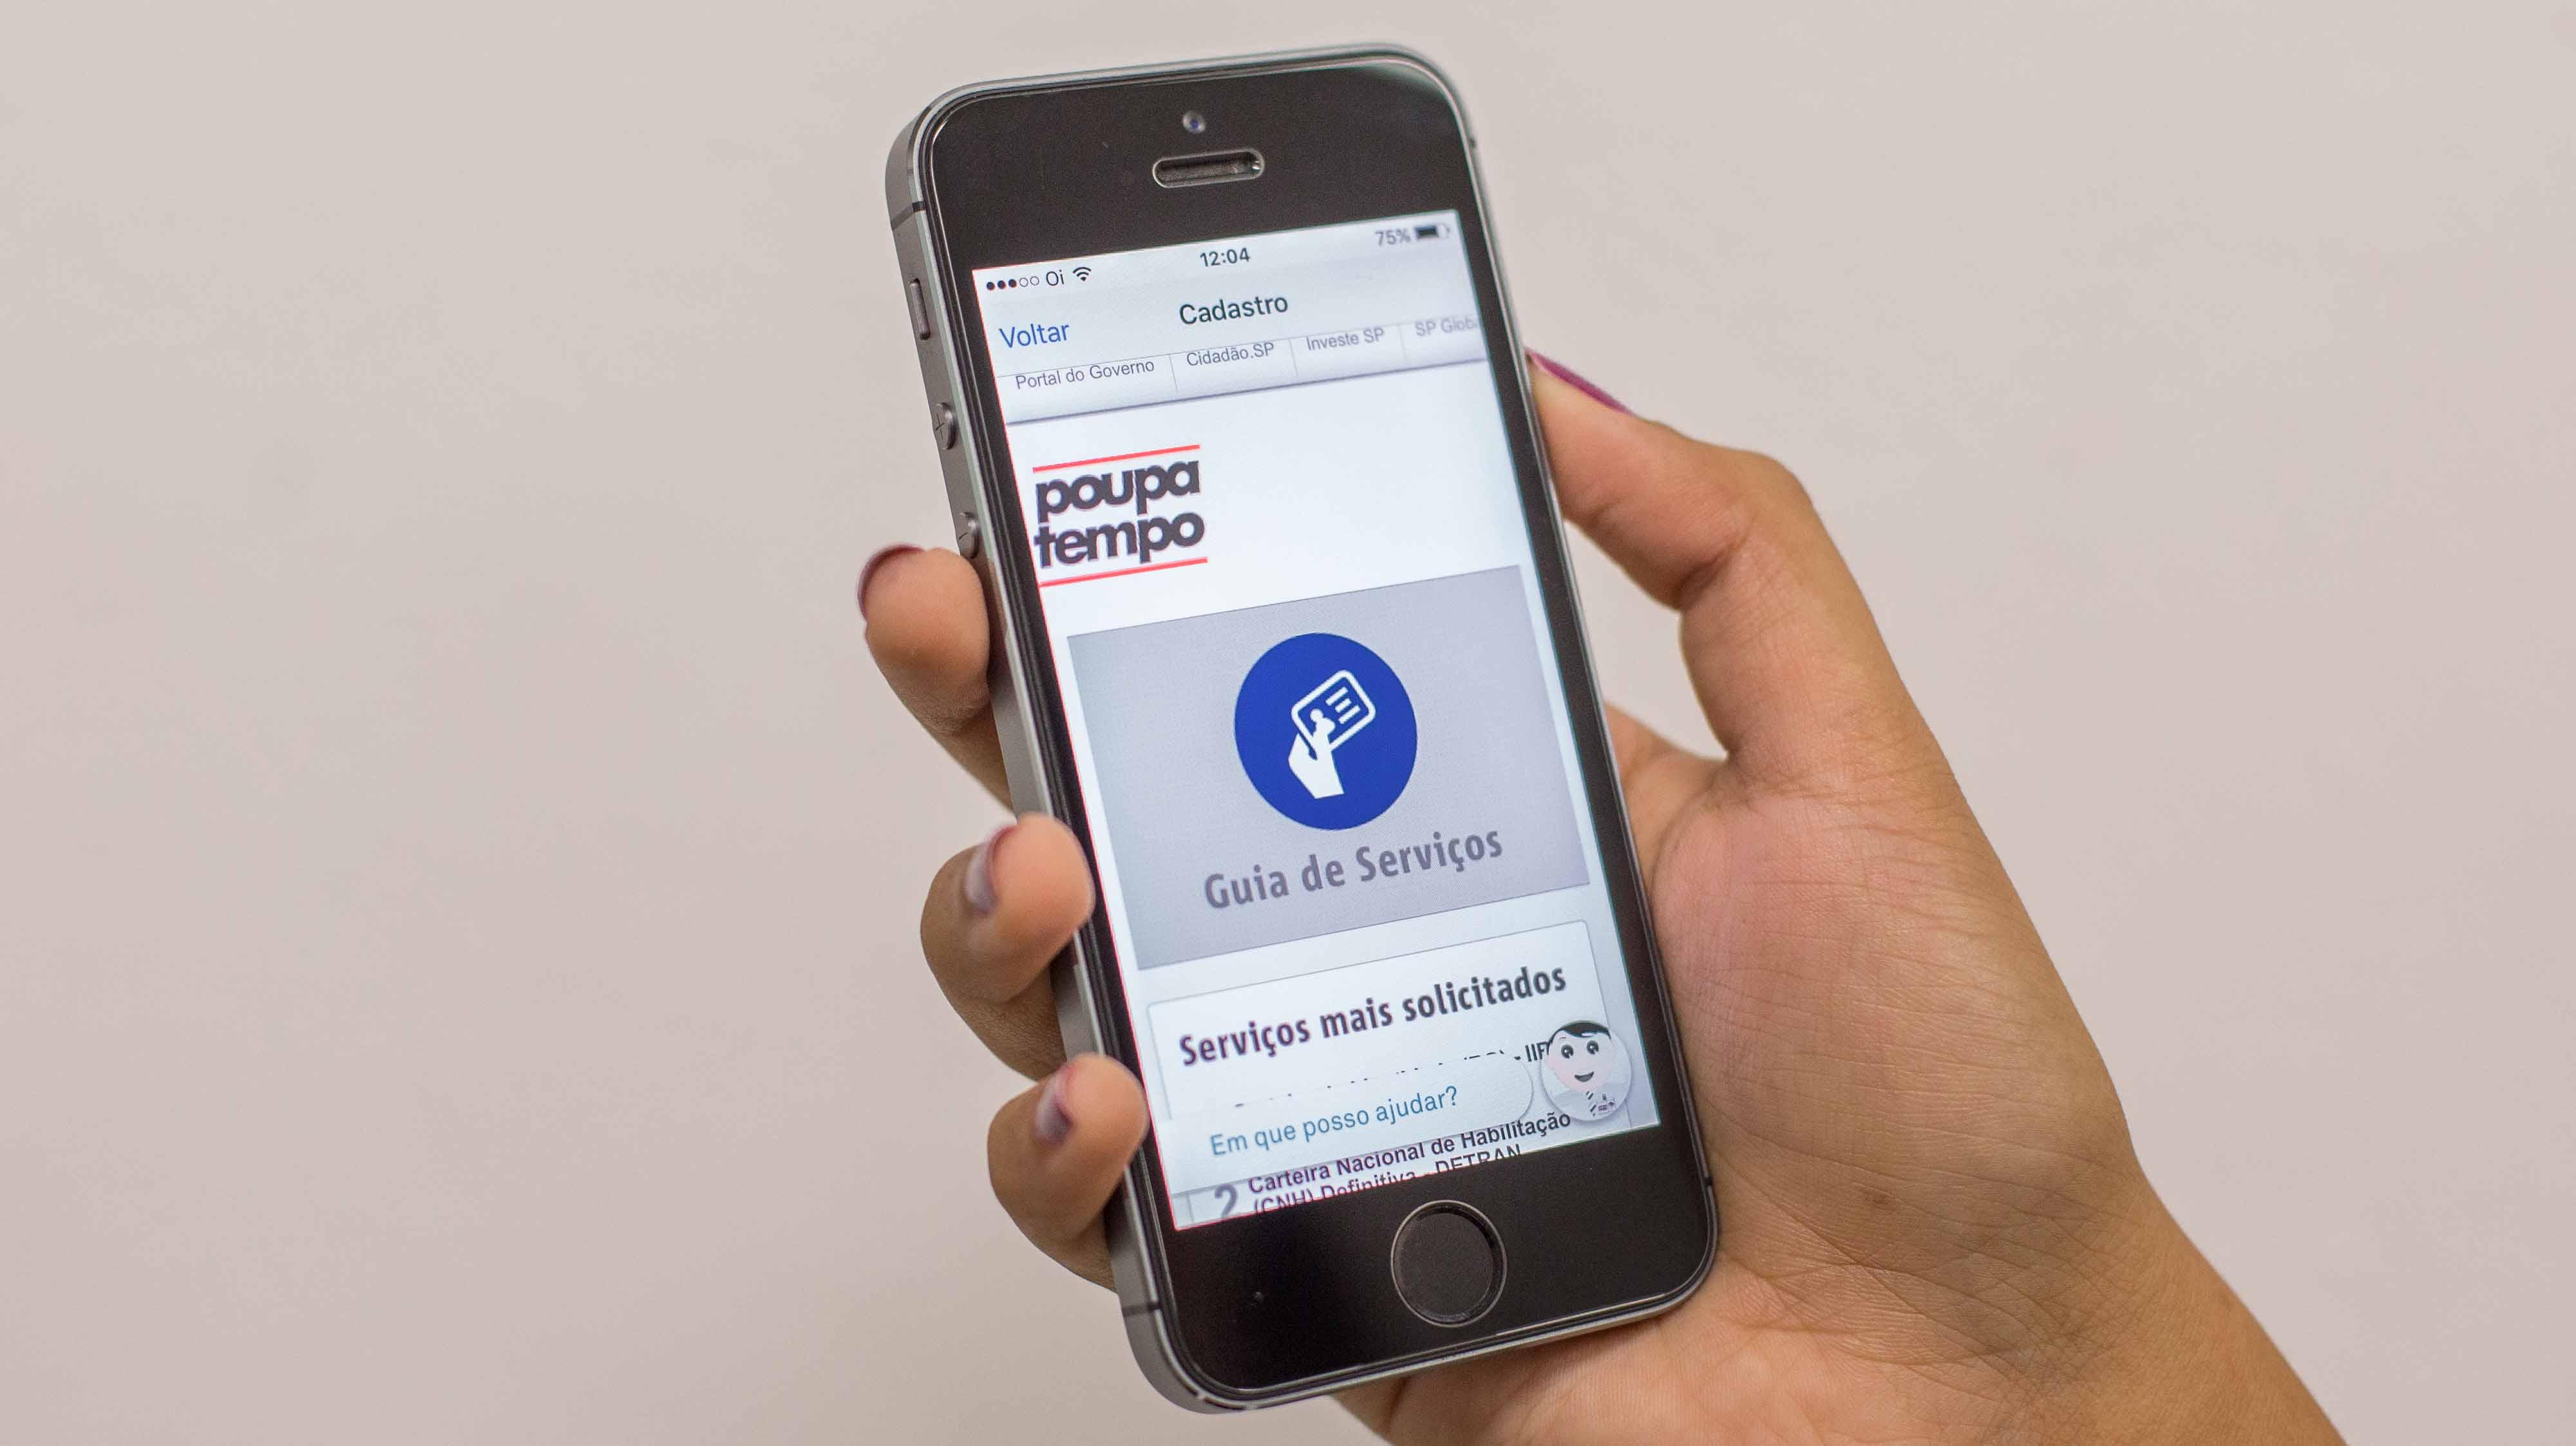 Saiba como fazer o agendamento de serviços do Poupatempo | Governo do Estado de São Paulo